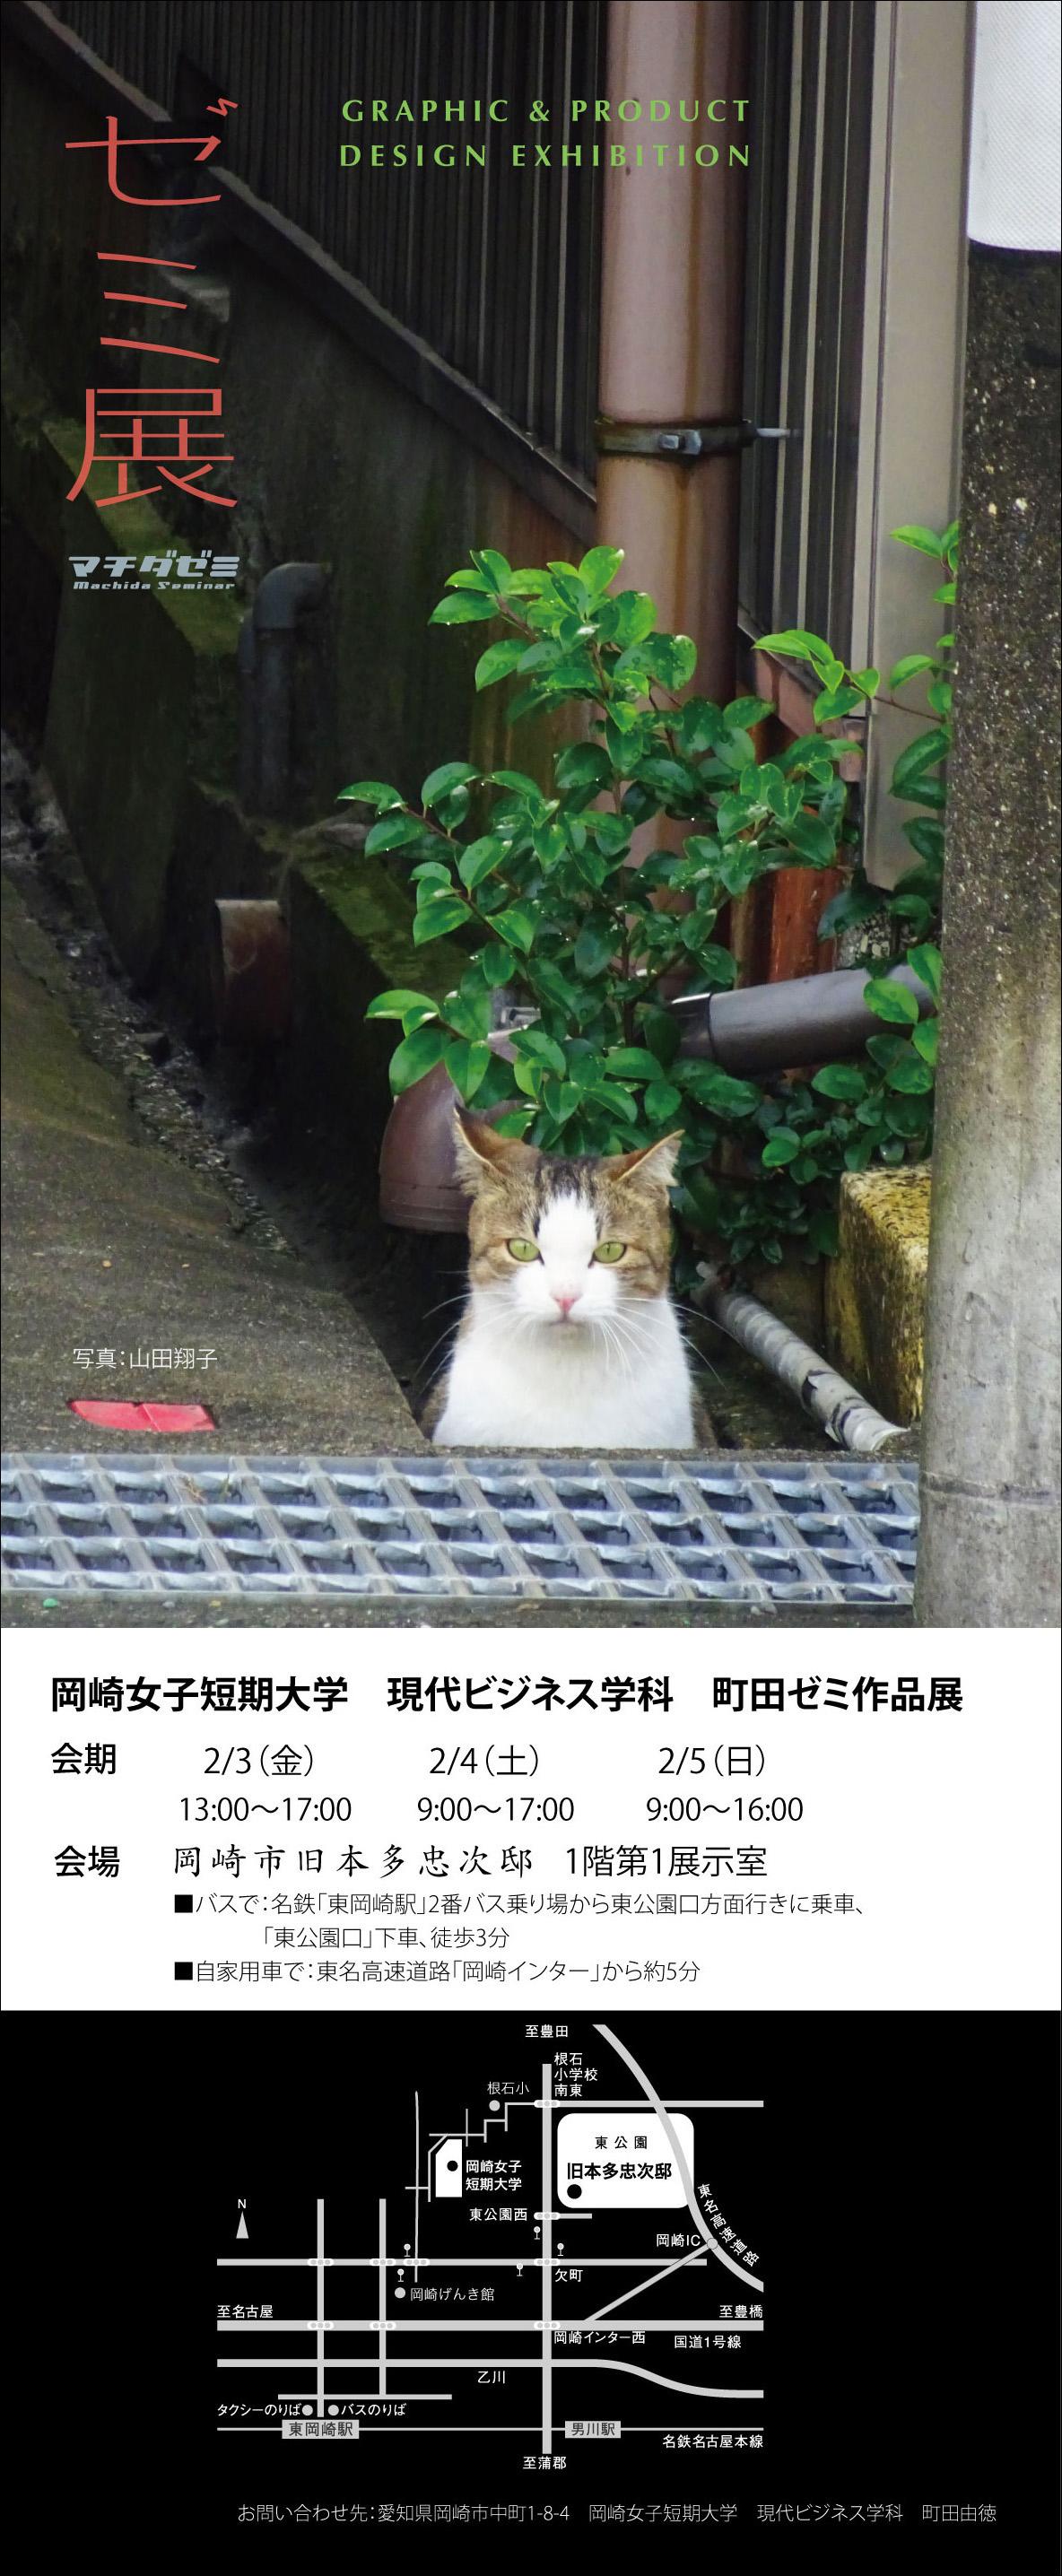 現代ビジネス学科「町田ゼミ作品展」のお知らせ:2月3日(金)~5日(日)